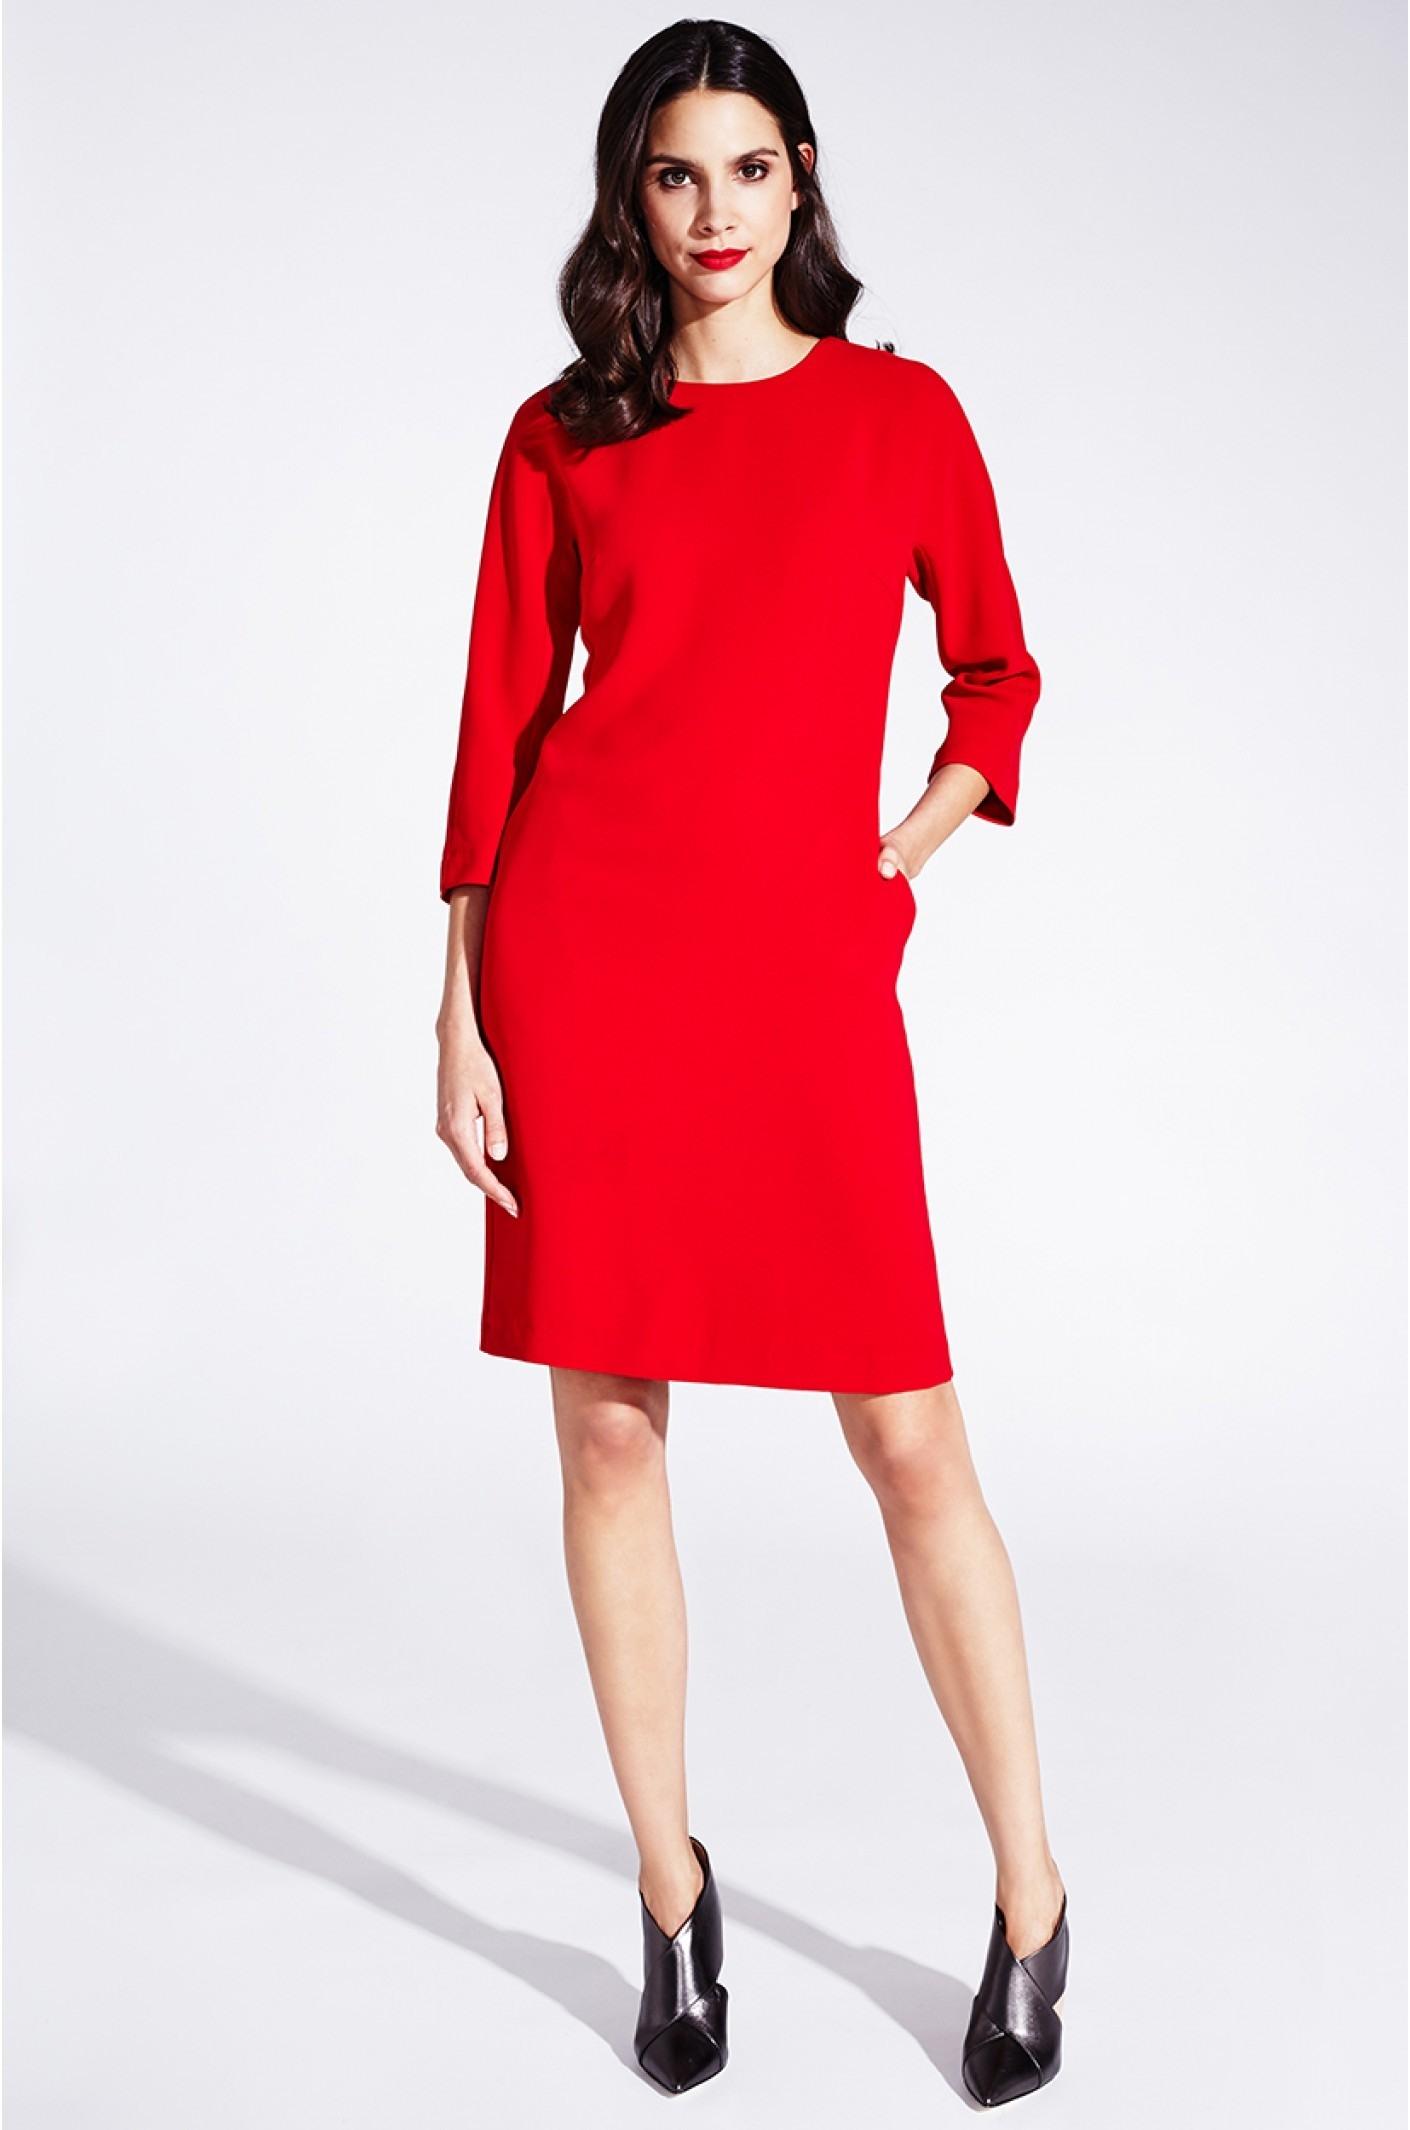 17 Einfach Kleid Mit Ärmeln DesignAbend Cool Kleid Mit Ärmeln Bester Preis